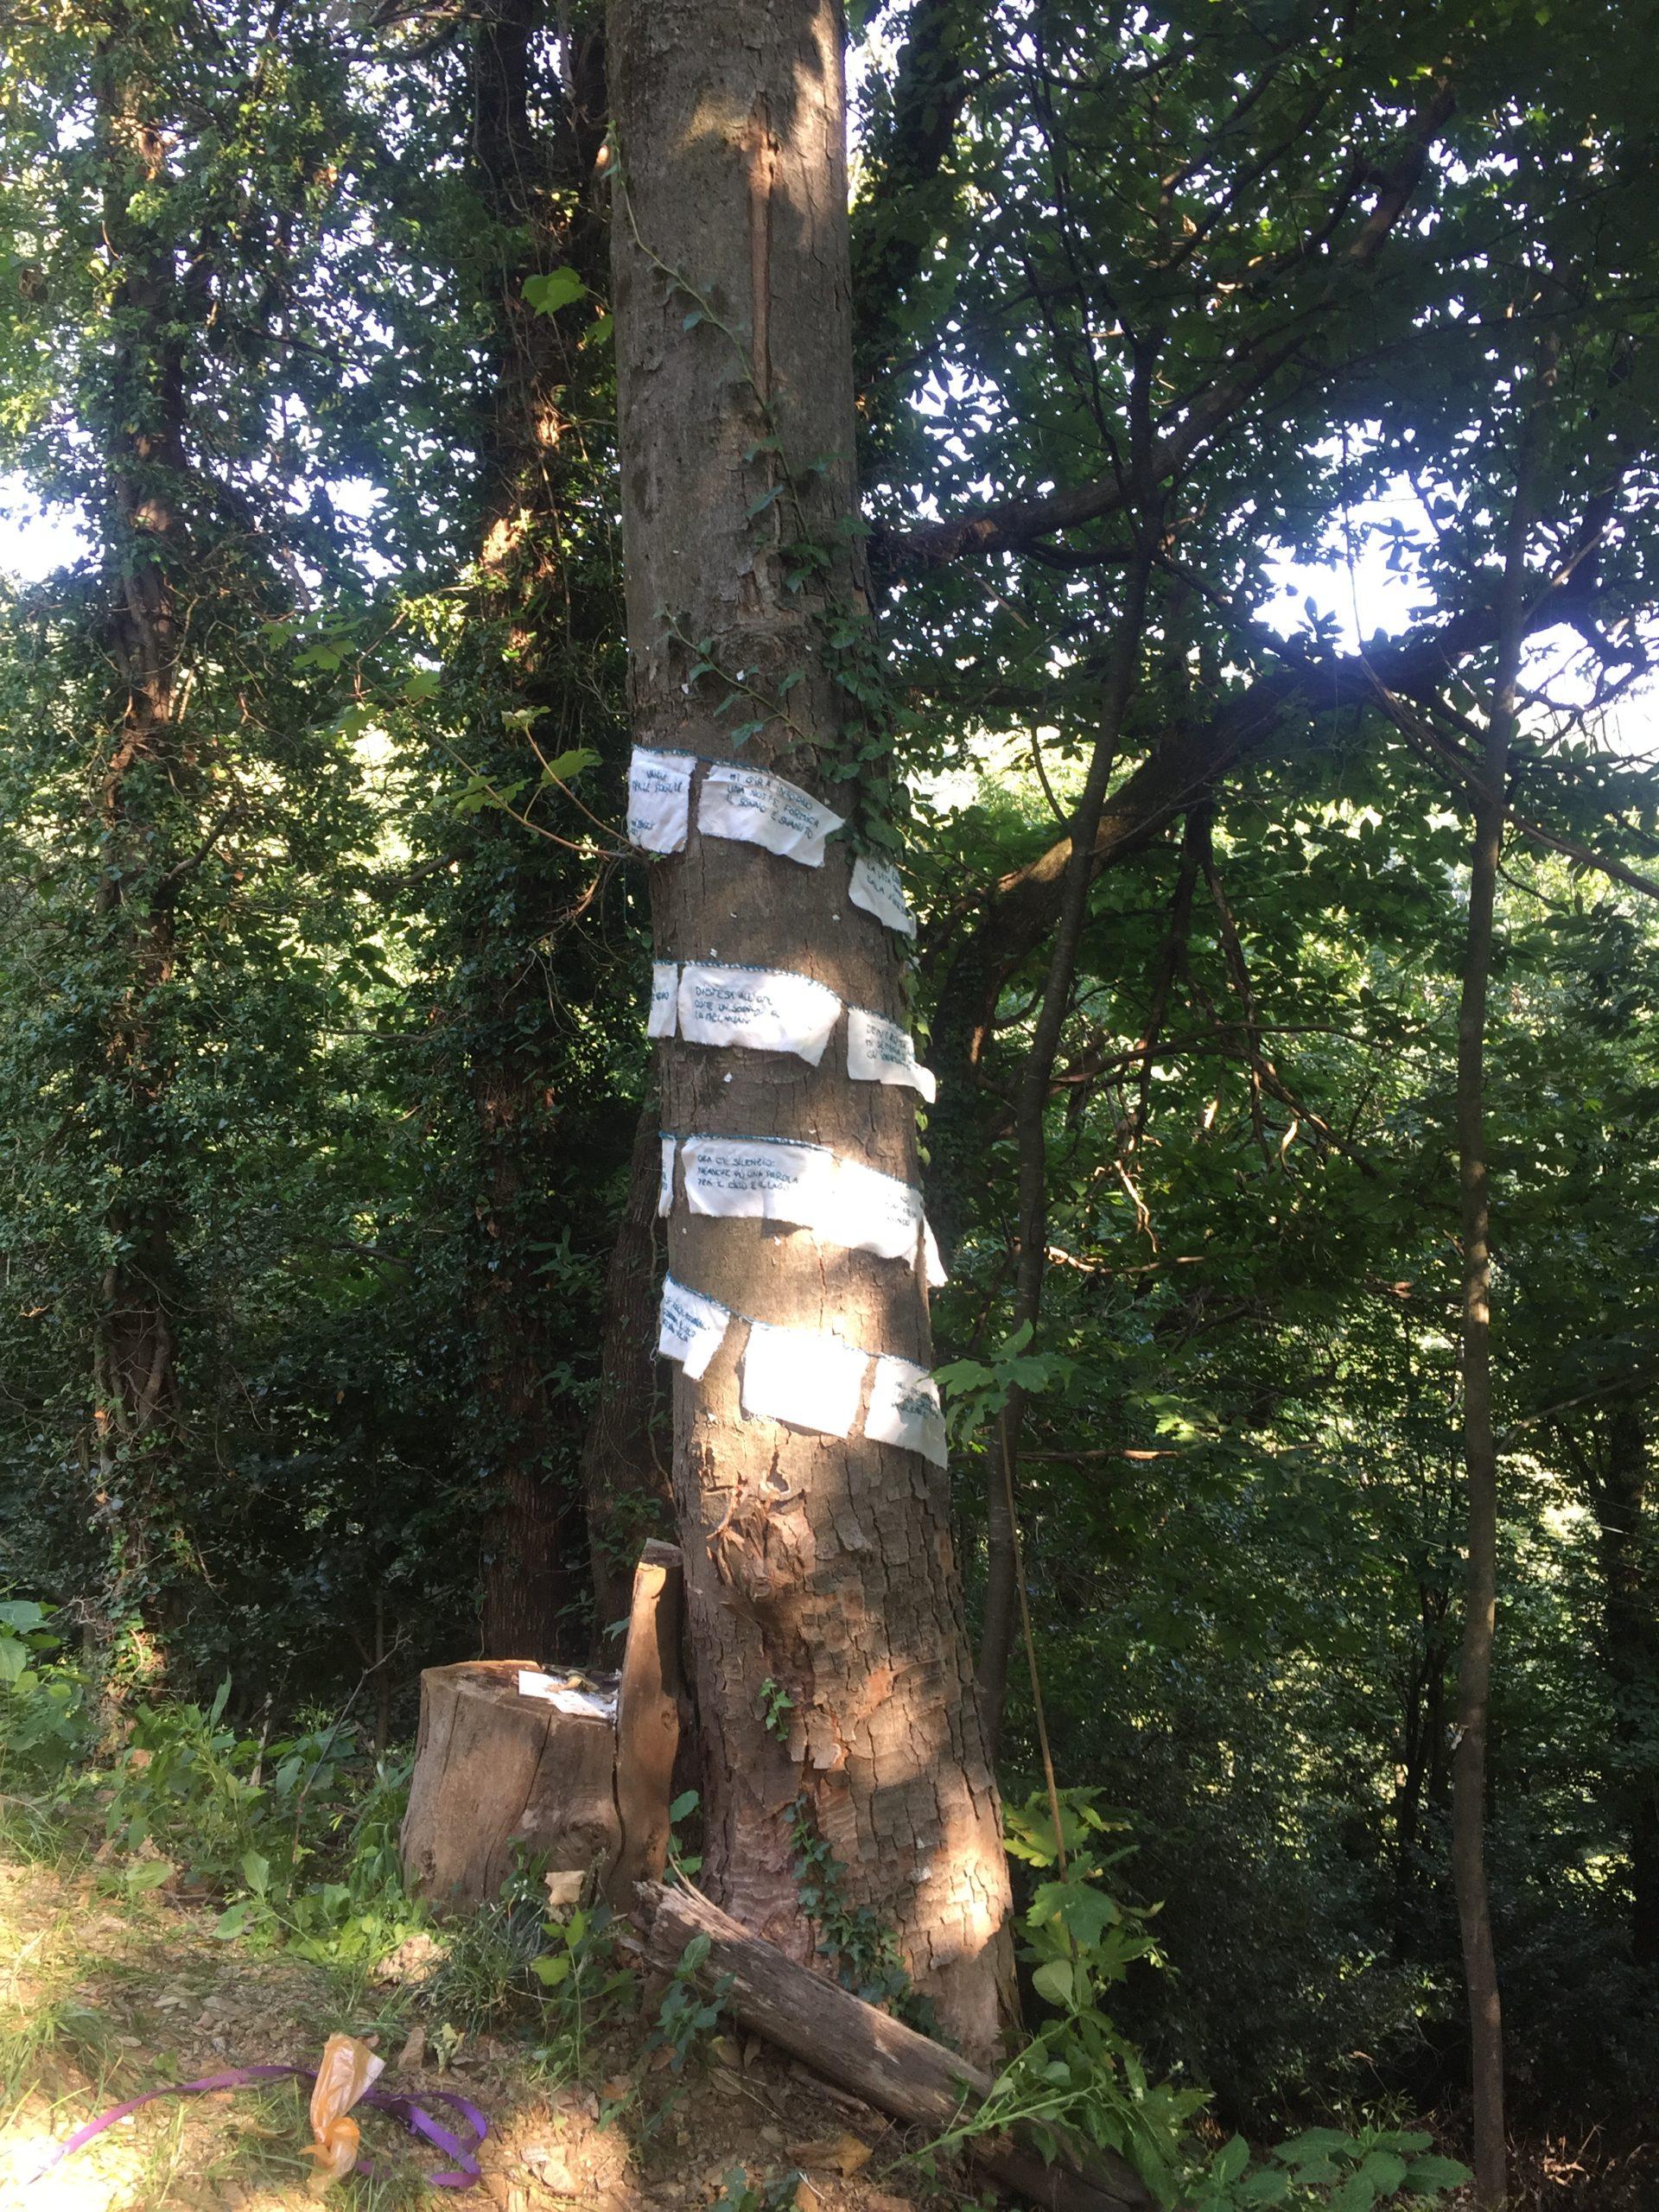 Tina Biasci, Haiku tra le foglie, agosto 2021